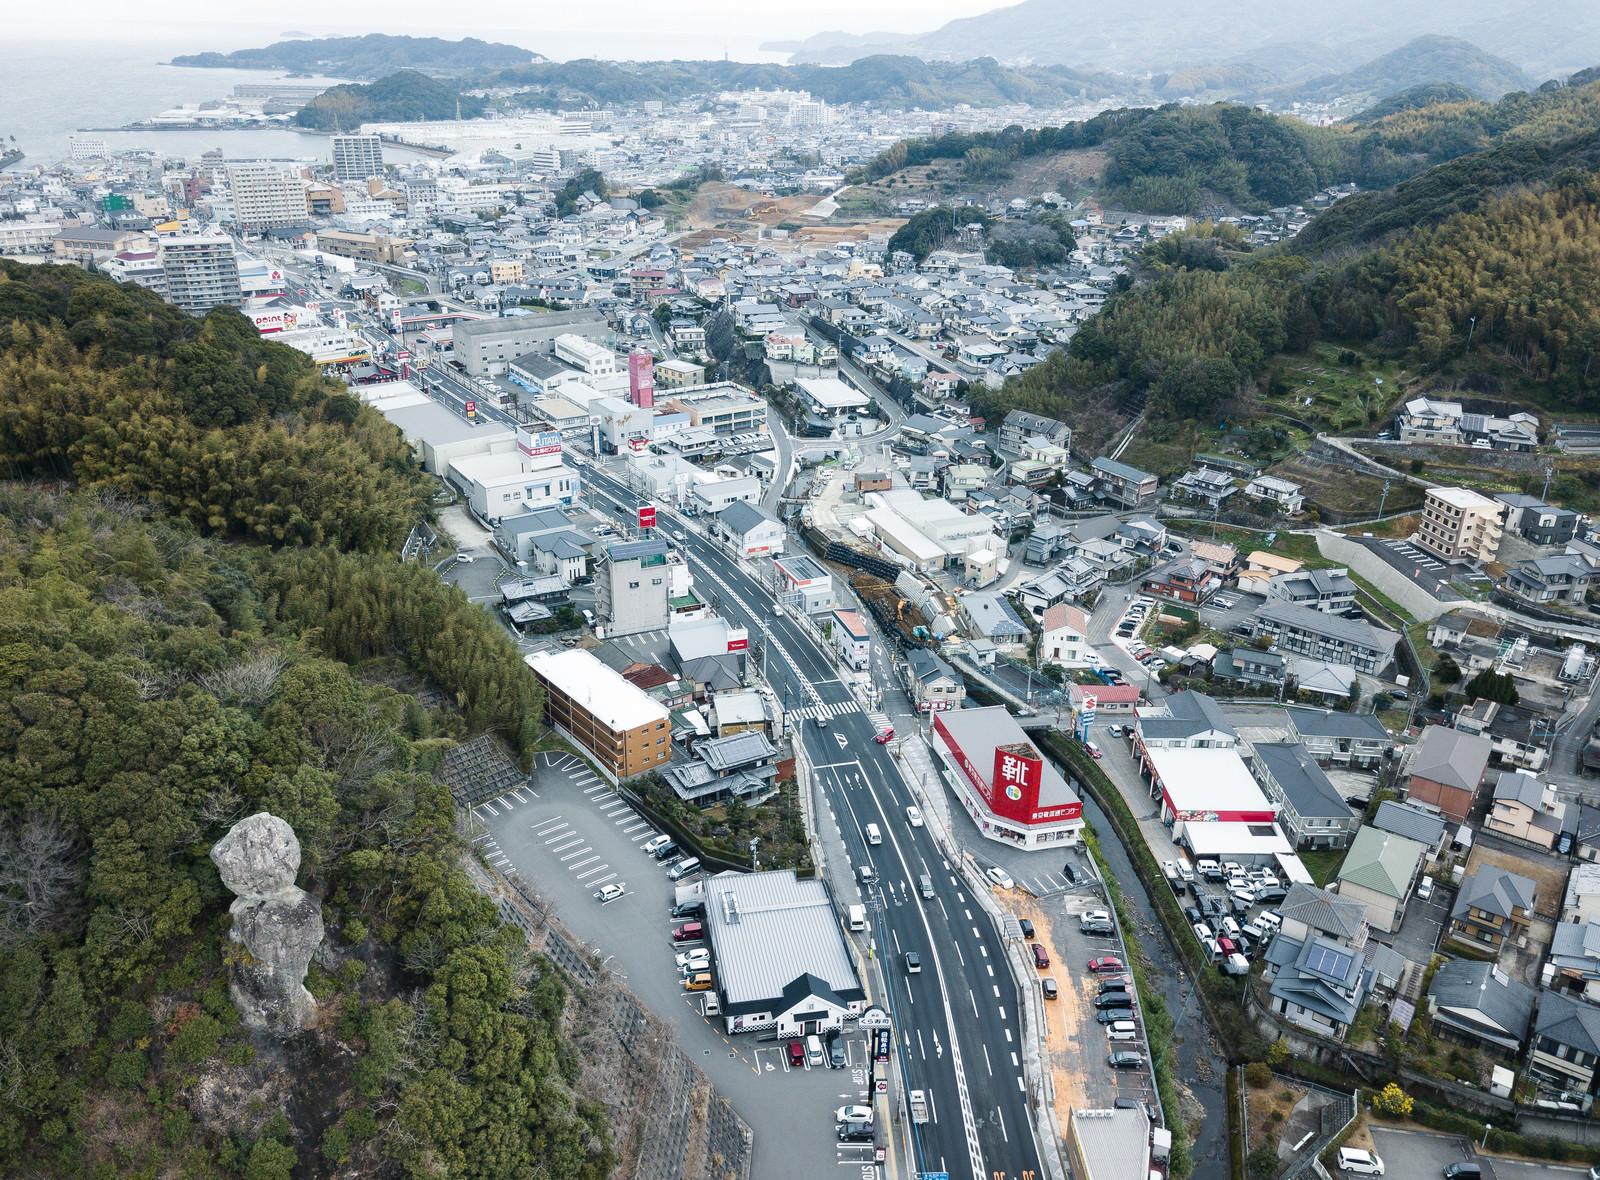 「鯖くさらかし岩と時津町の街並みを一望」の写真